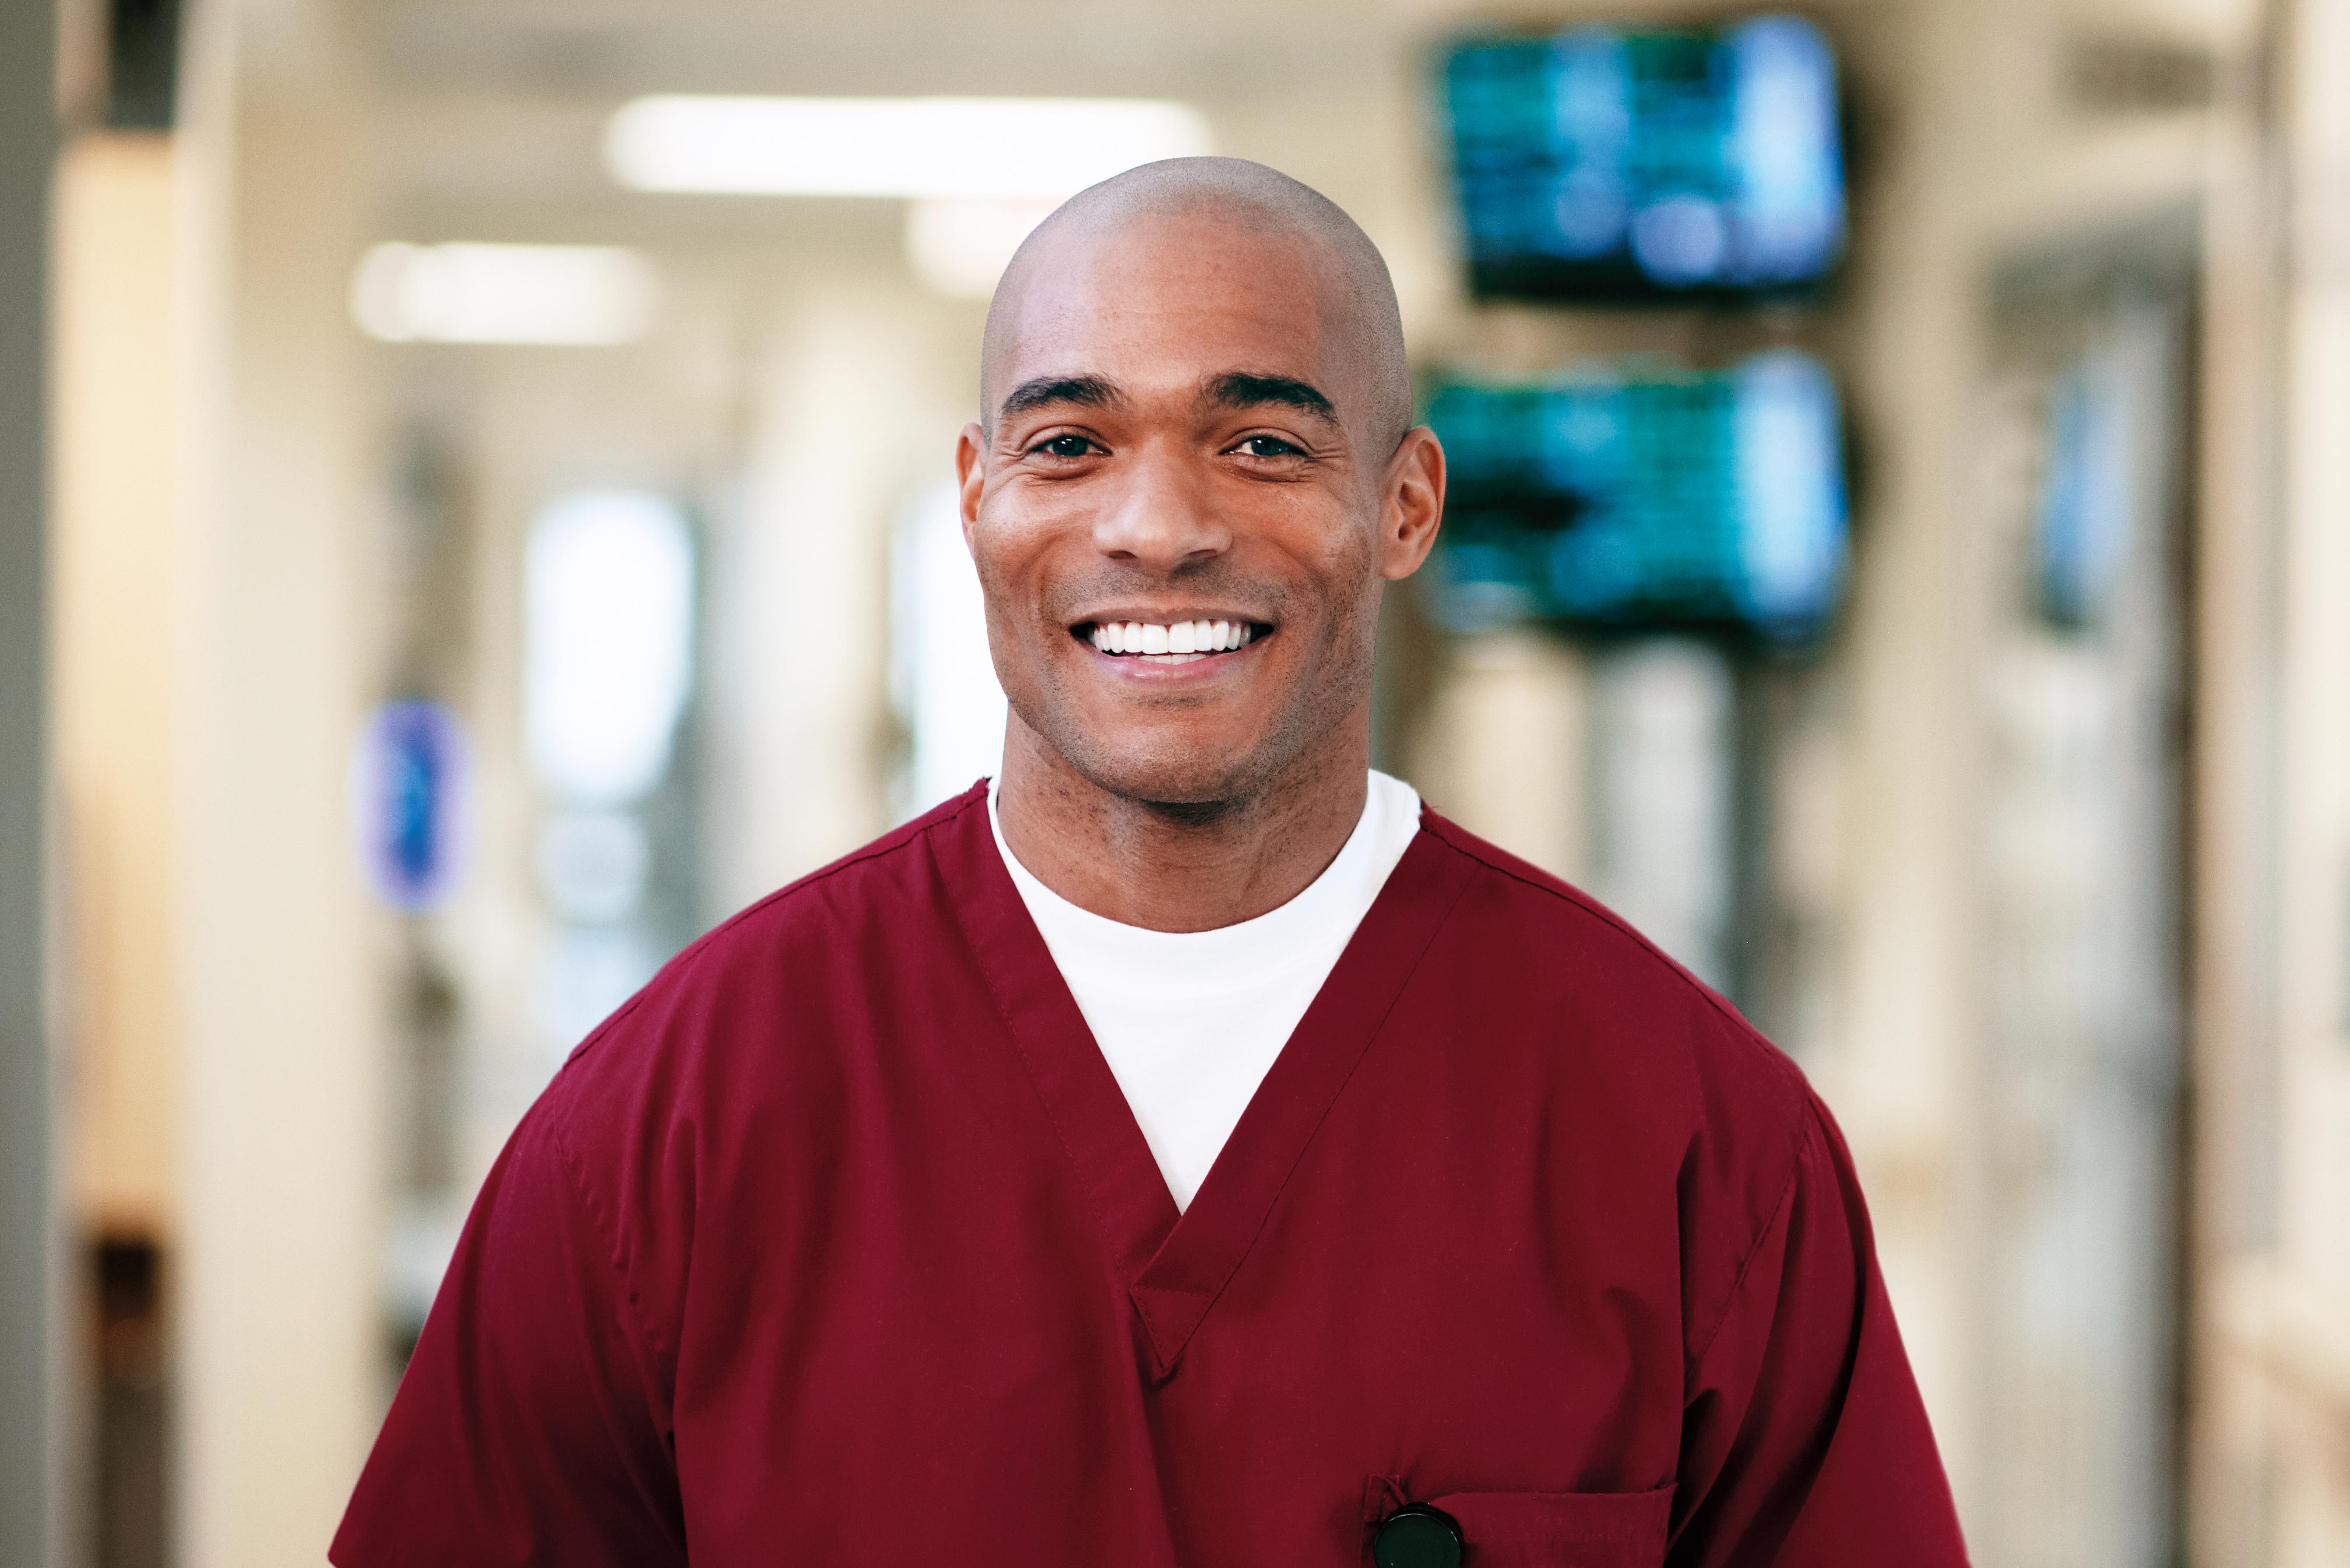 A male nurse in a hospital hallway